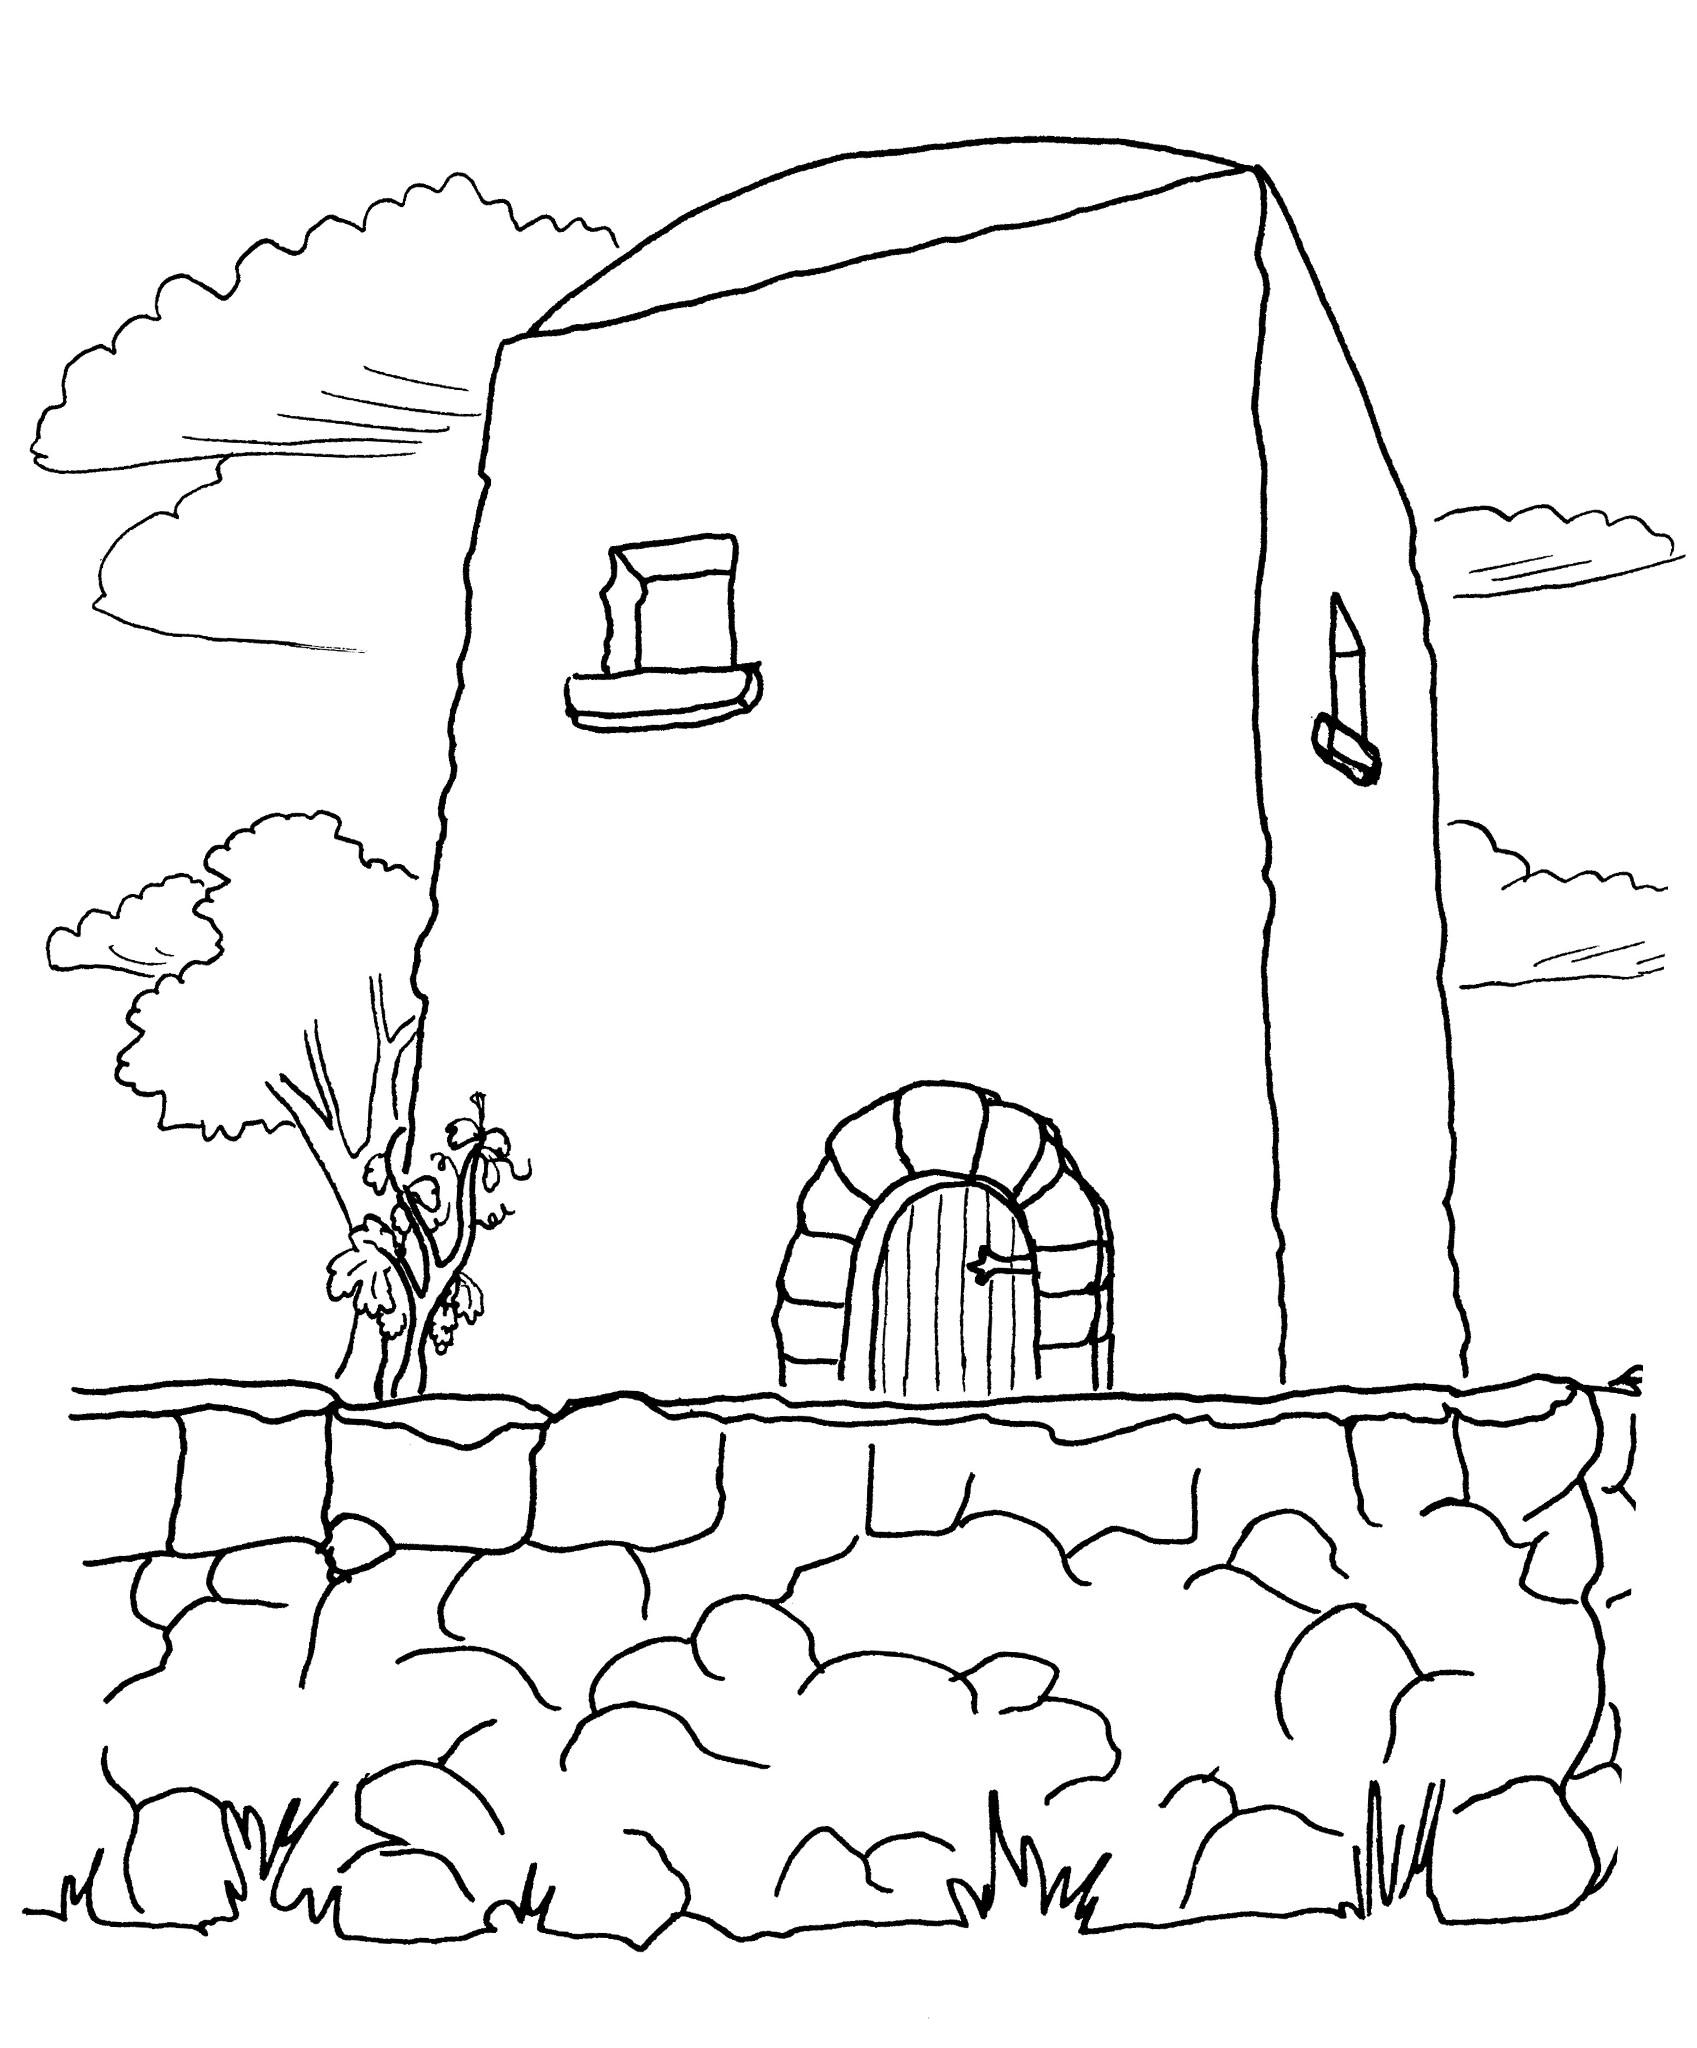 Un homme était propriétaire d'un domaine ; il planta une vigne, l'entoura d'une clôture, y creusa un pressoir et y bâtit une tour de garde.